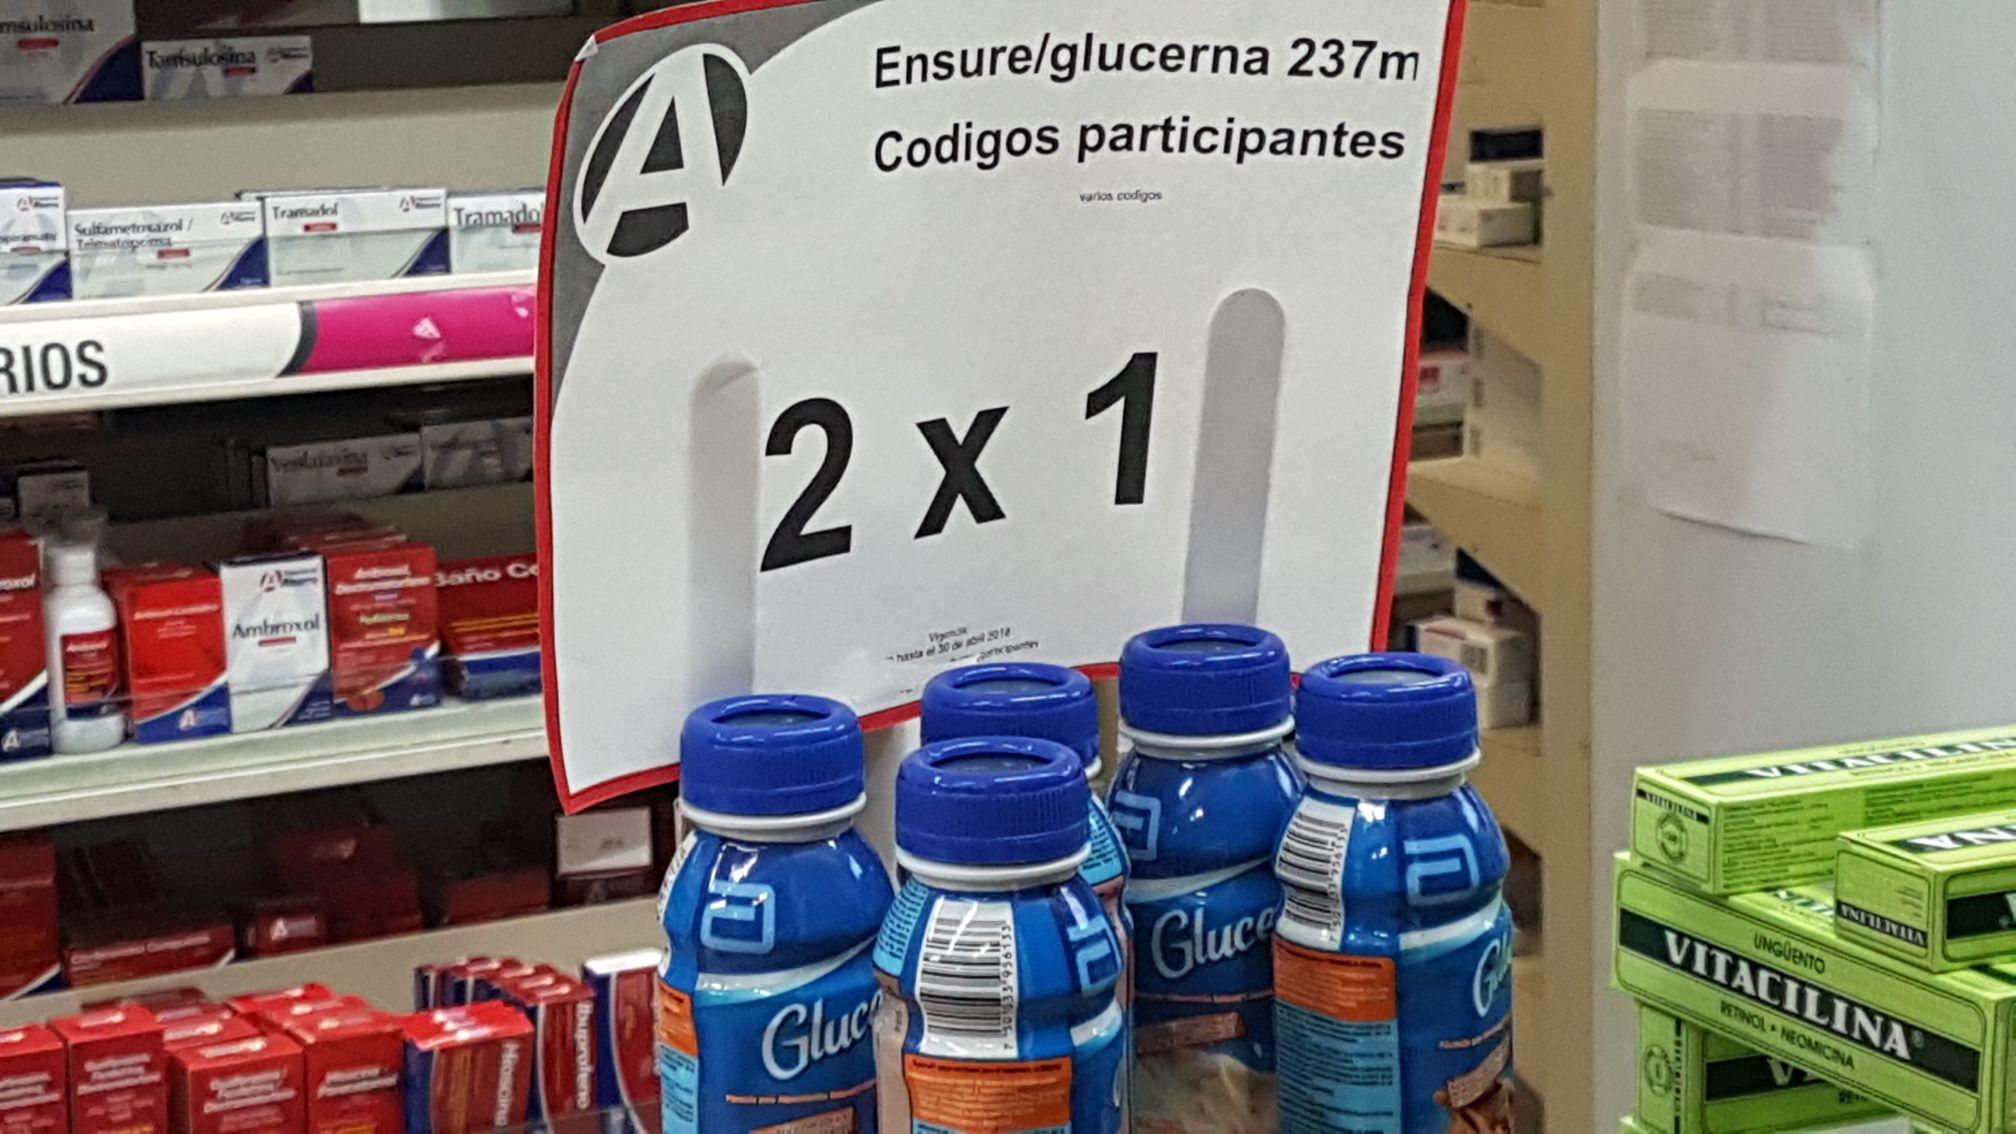 Farmacias del ahorro: Suplemento alimenticio glucerna al 2X1